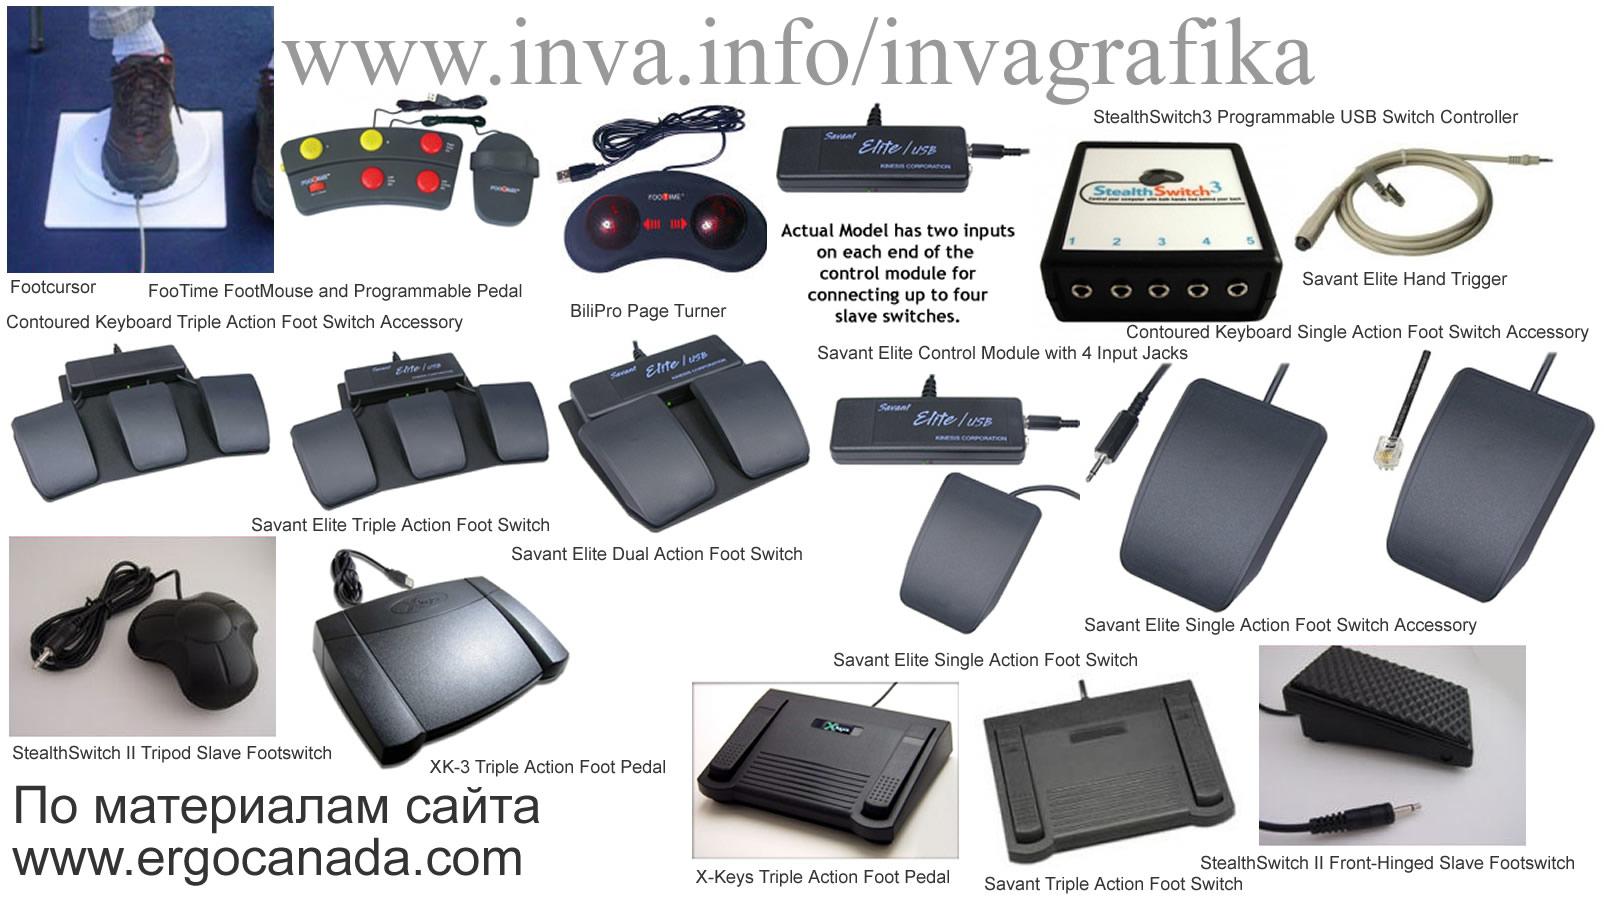 Инваграфика, манипулятор мышь для ног, клавиатуры для инвалидов без рук, управление компьютером ногами